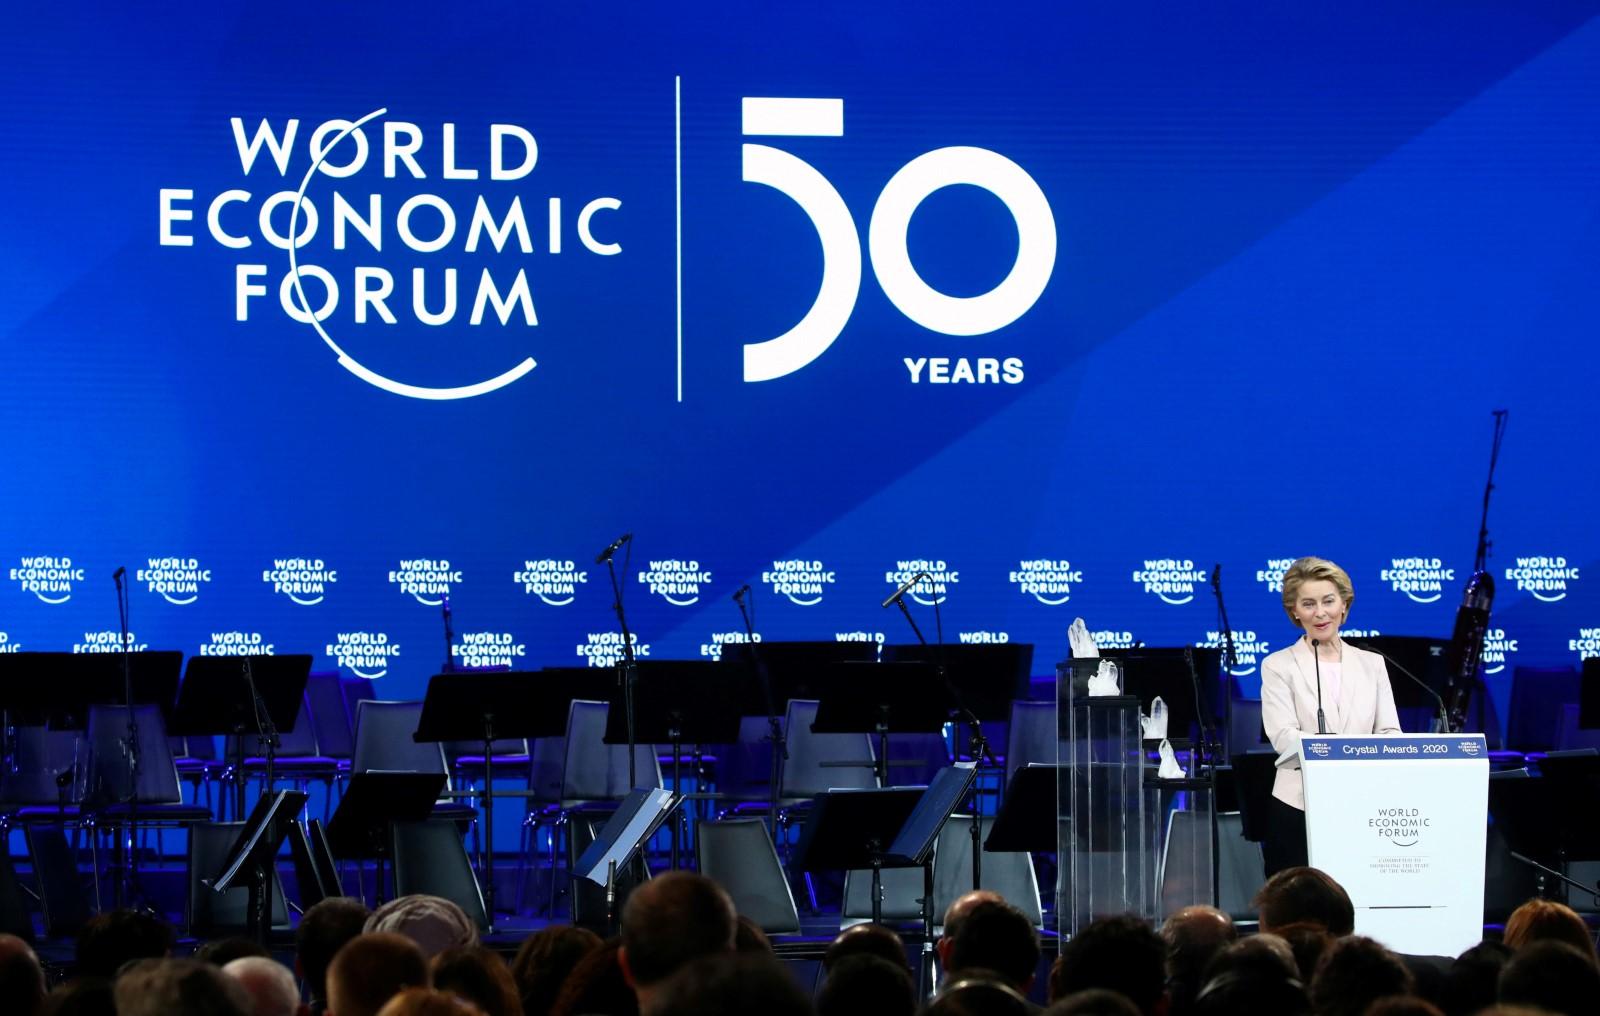 Šéfka Evropské komise Ursula von der Leyenová při projevu na výročním 50. zasedání Světového ekonomického fóra v Davosu. Foto: Reuters